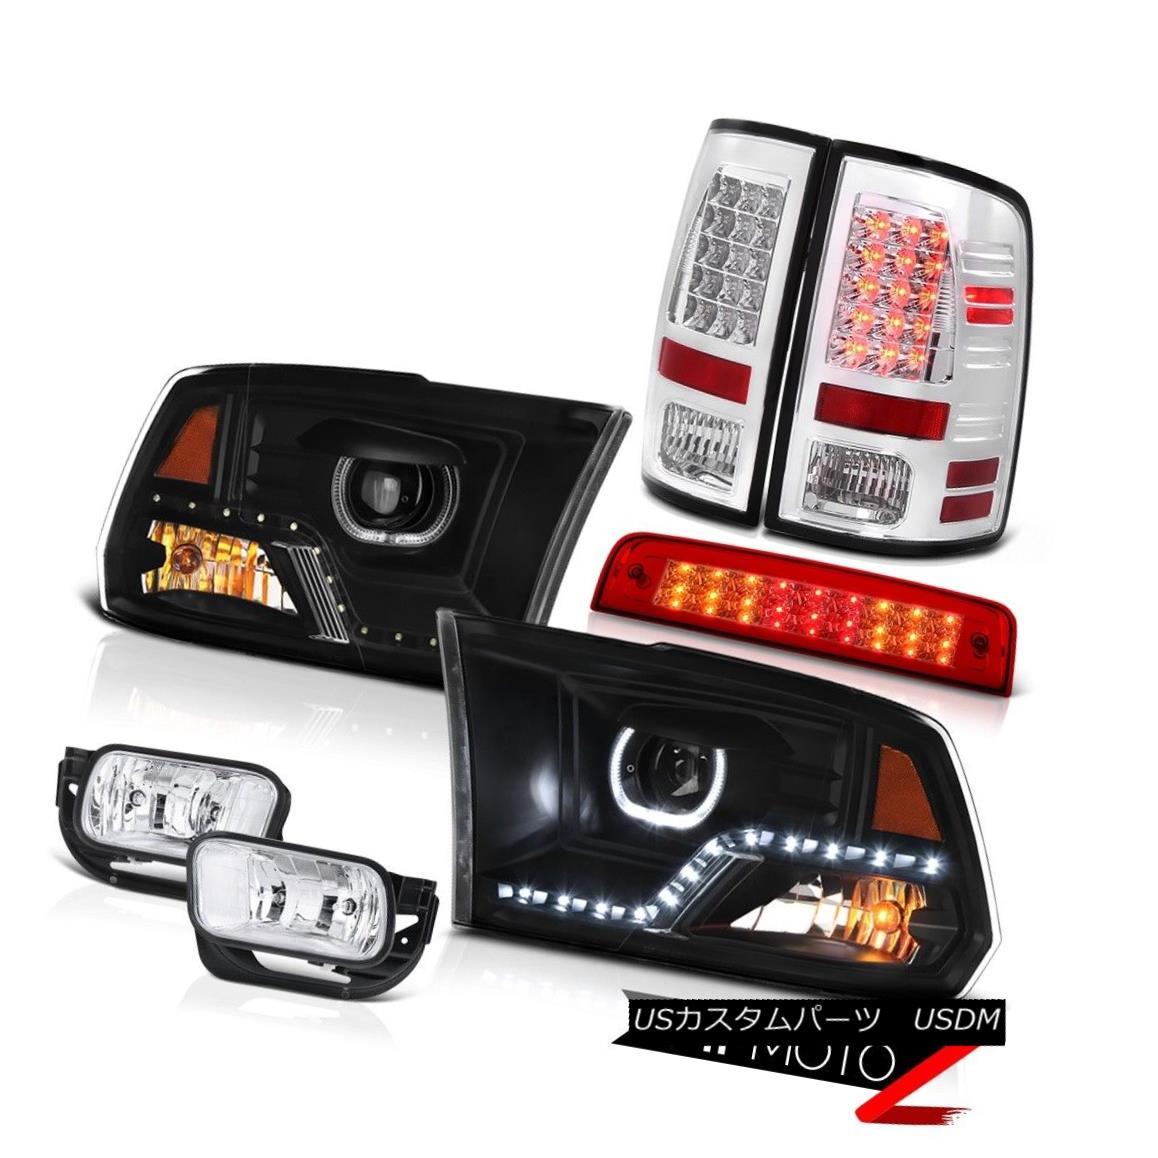 テールライト 09-18 Dodge RAM 2500 3500 DRL Headlamps Brake Lights Chrome Driving Lamp Tail 09-18 Dodge RAM 2500 3500 DRLヘッドランプブレーキライトChrome Driving Lamp Tail